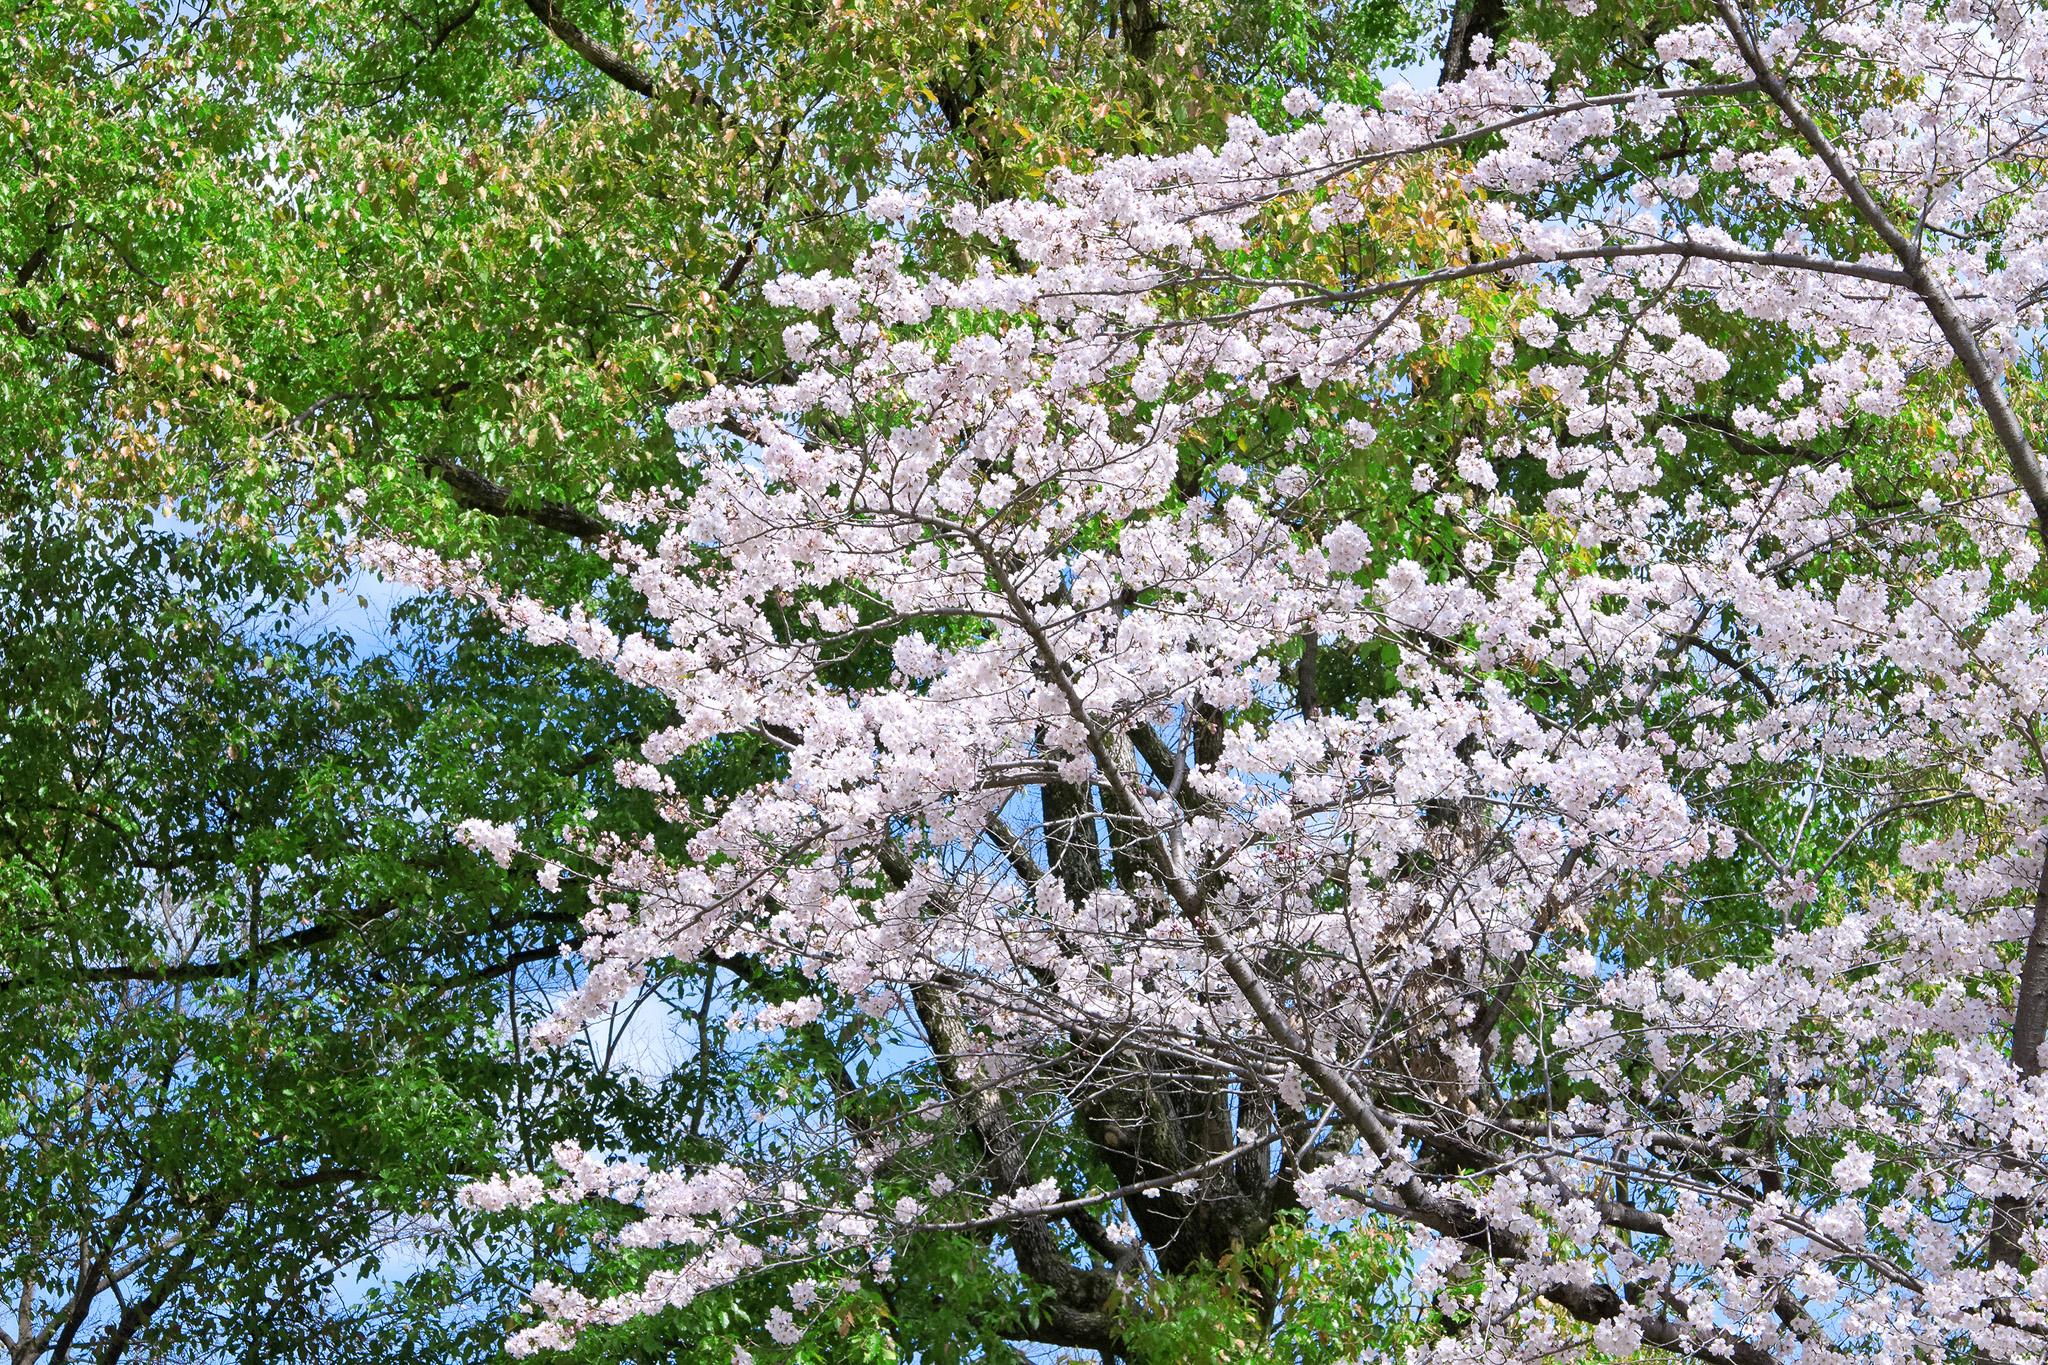 「爽やかな緑葉に映える桜の花」の素材を無料ダウンロード